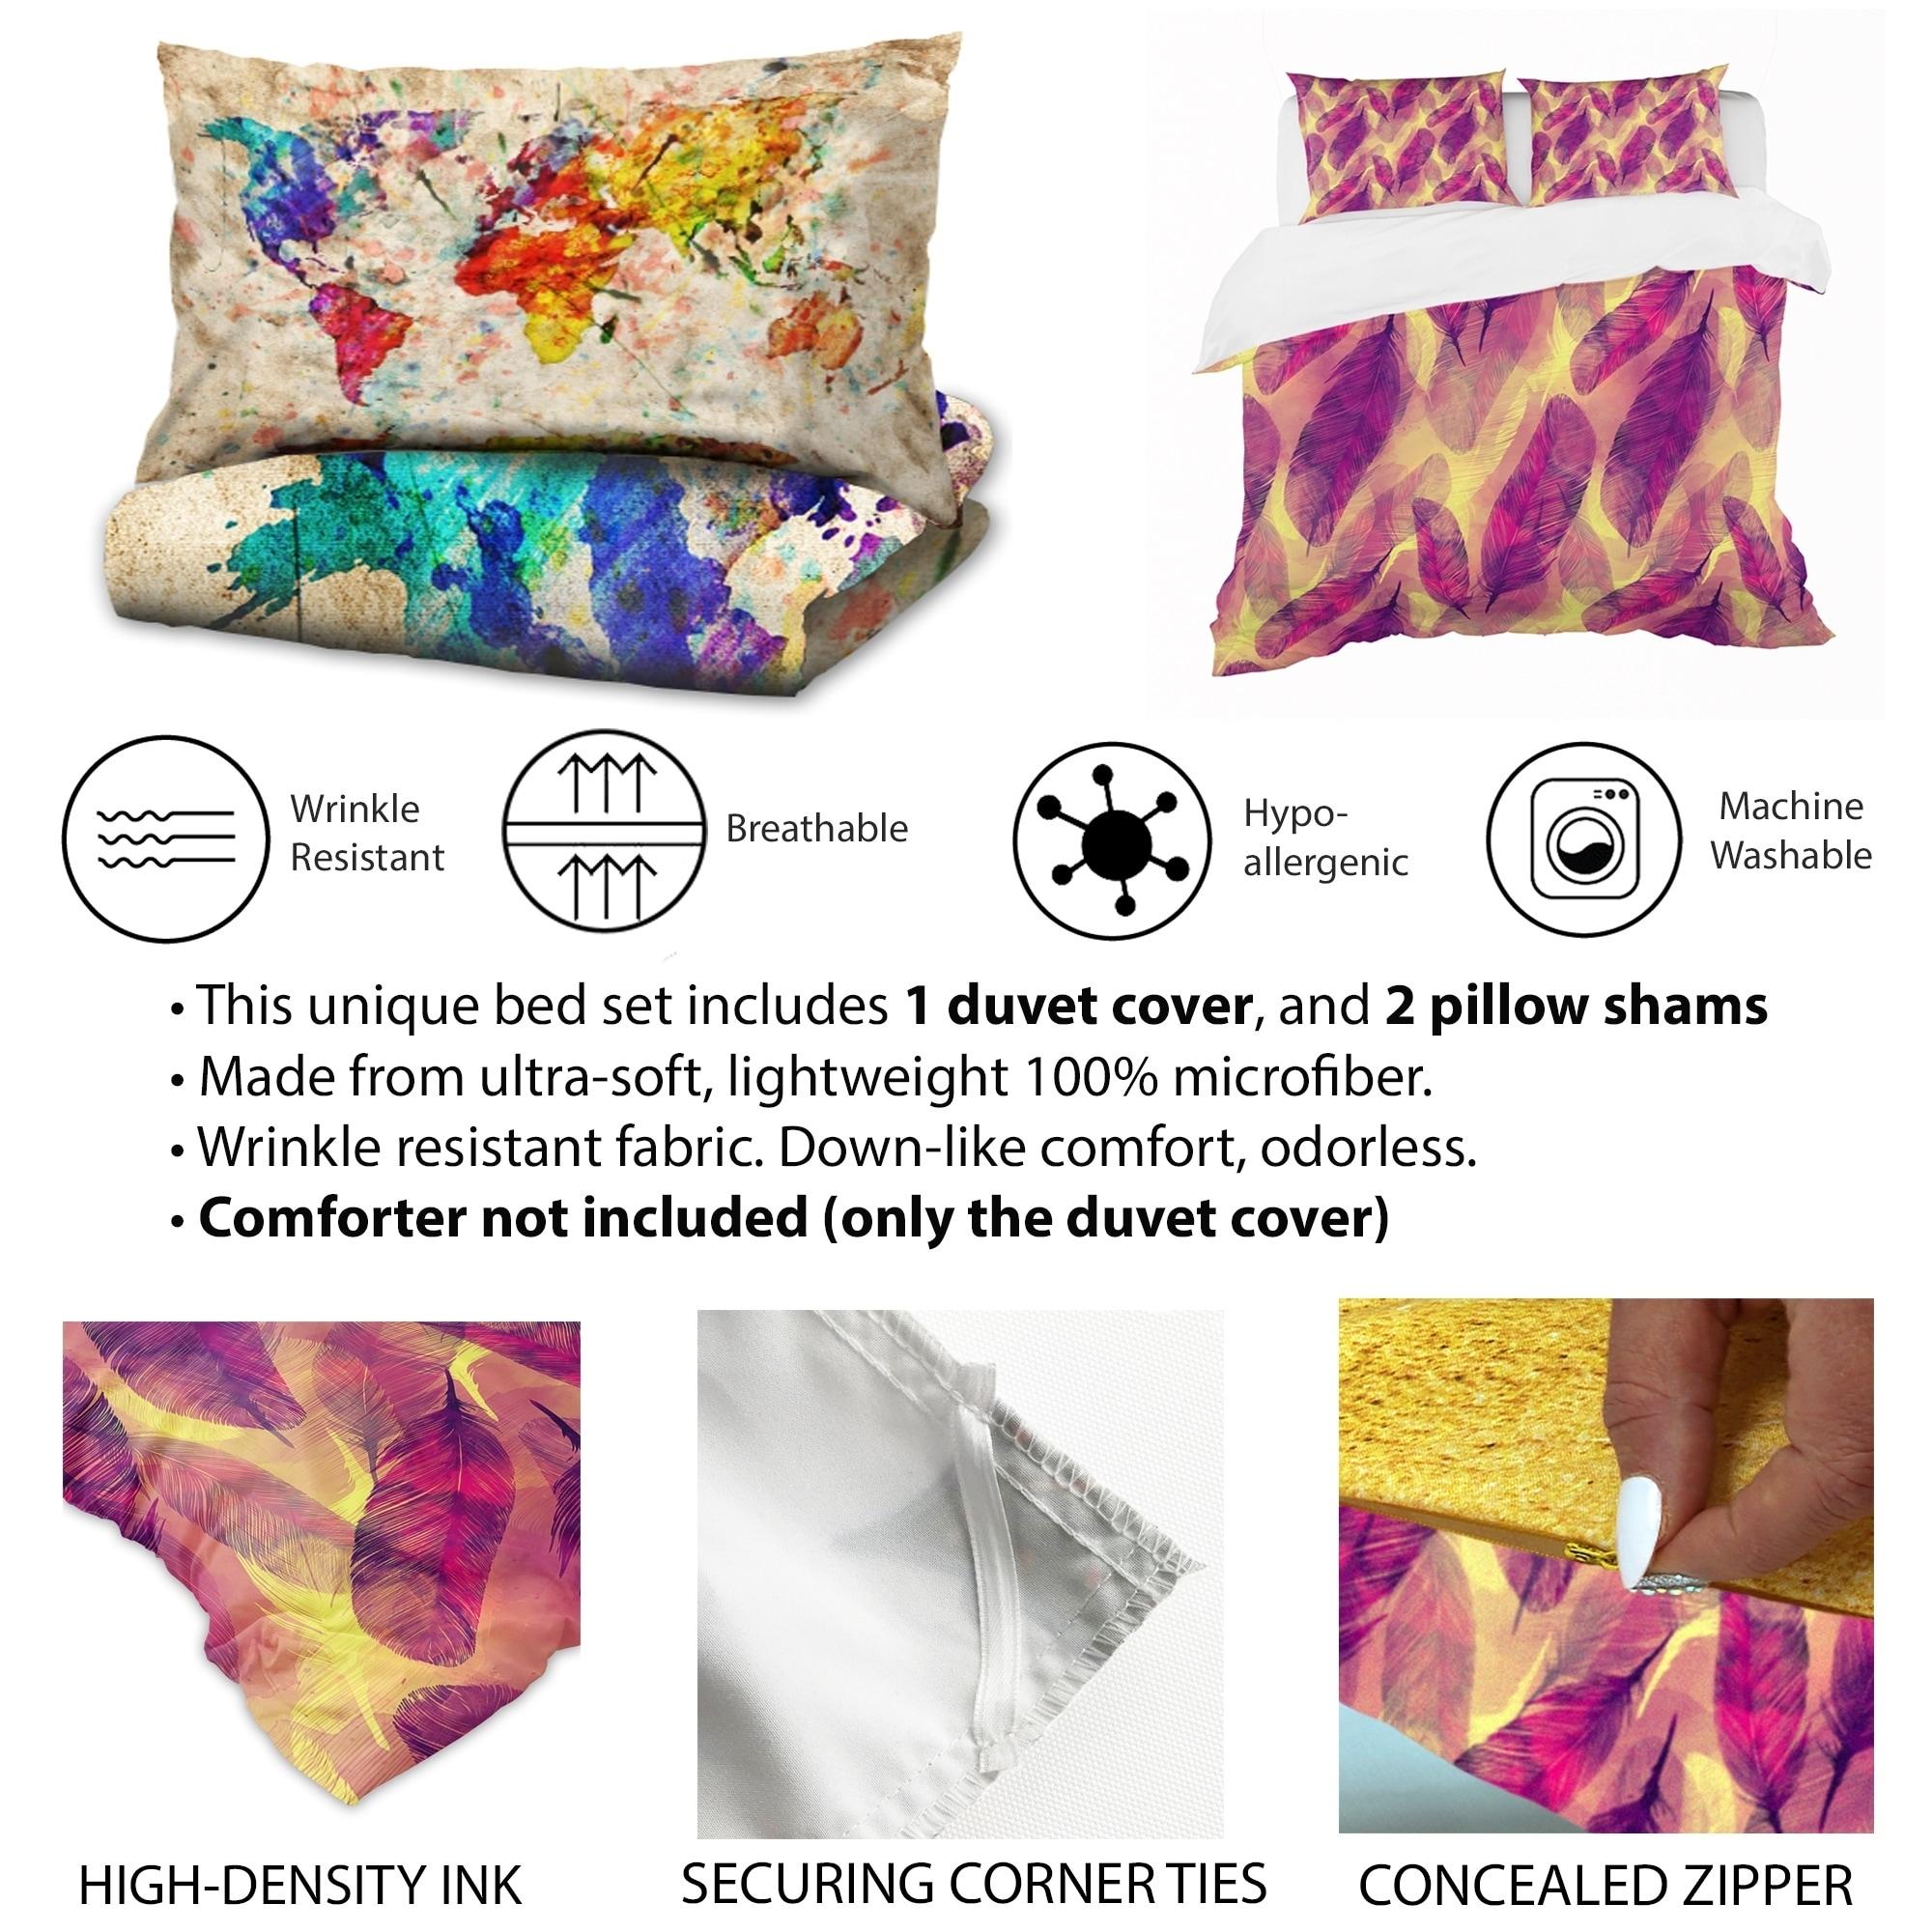 Designart Multicolor Boho Flowers Bohemian Bedding Set Duvet Cover Shams Overstock 23507090